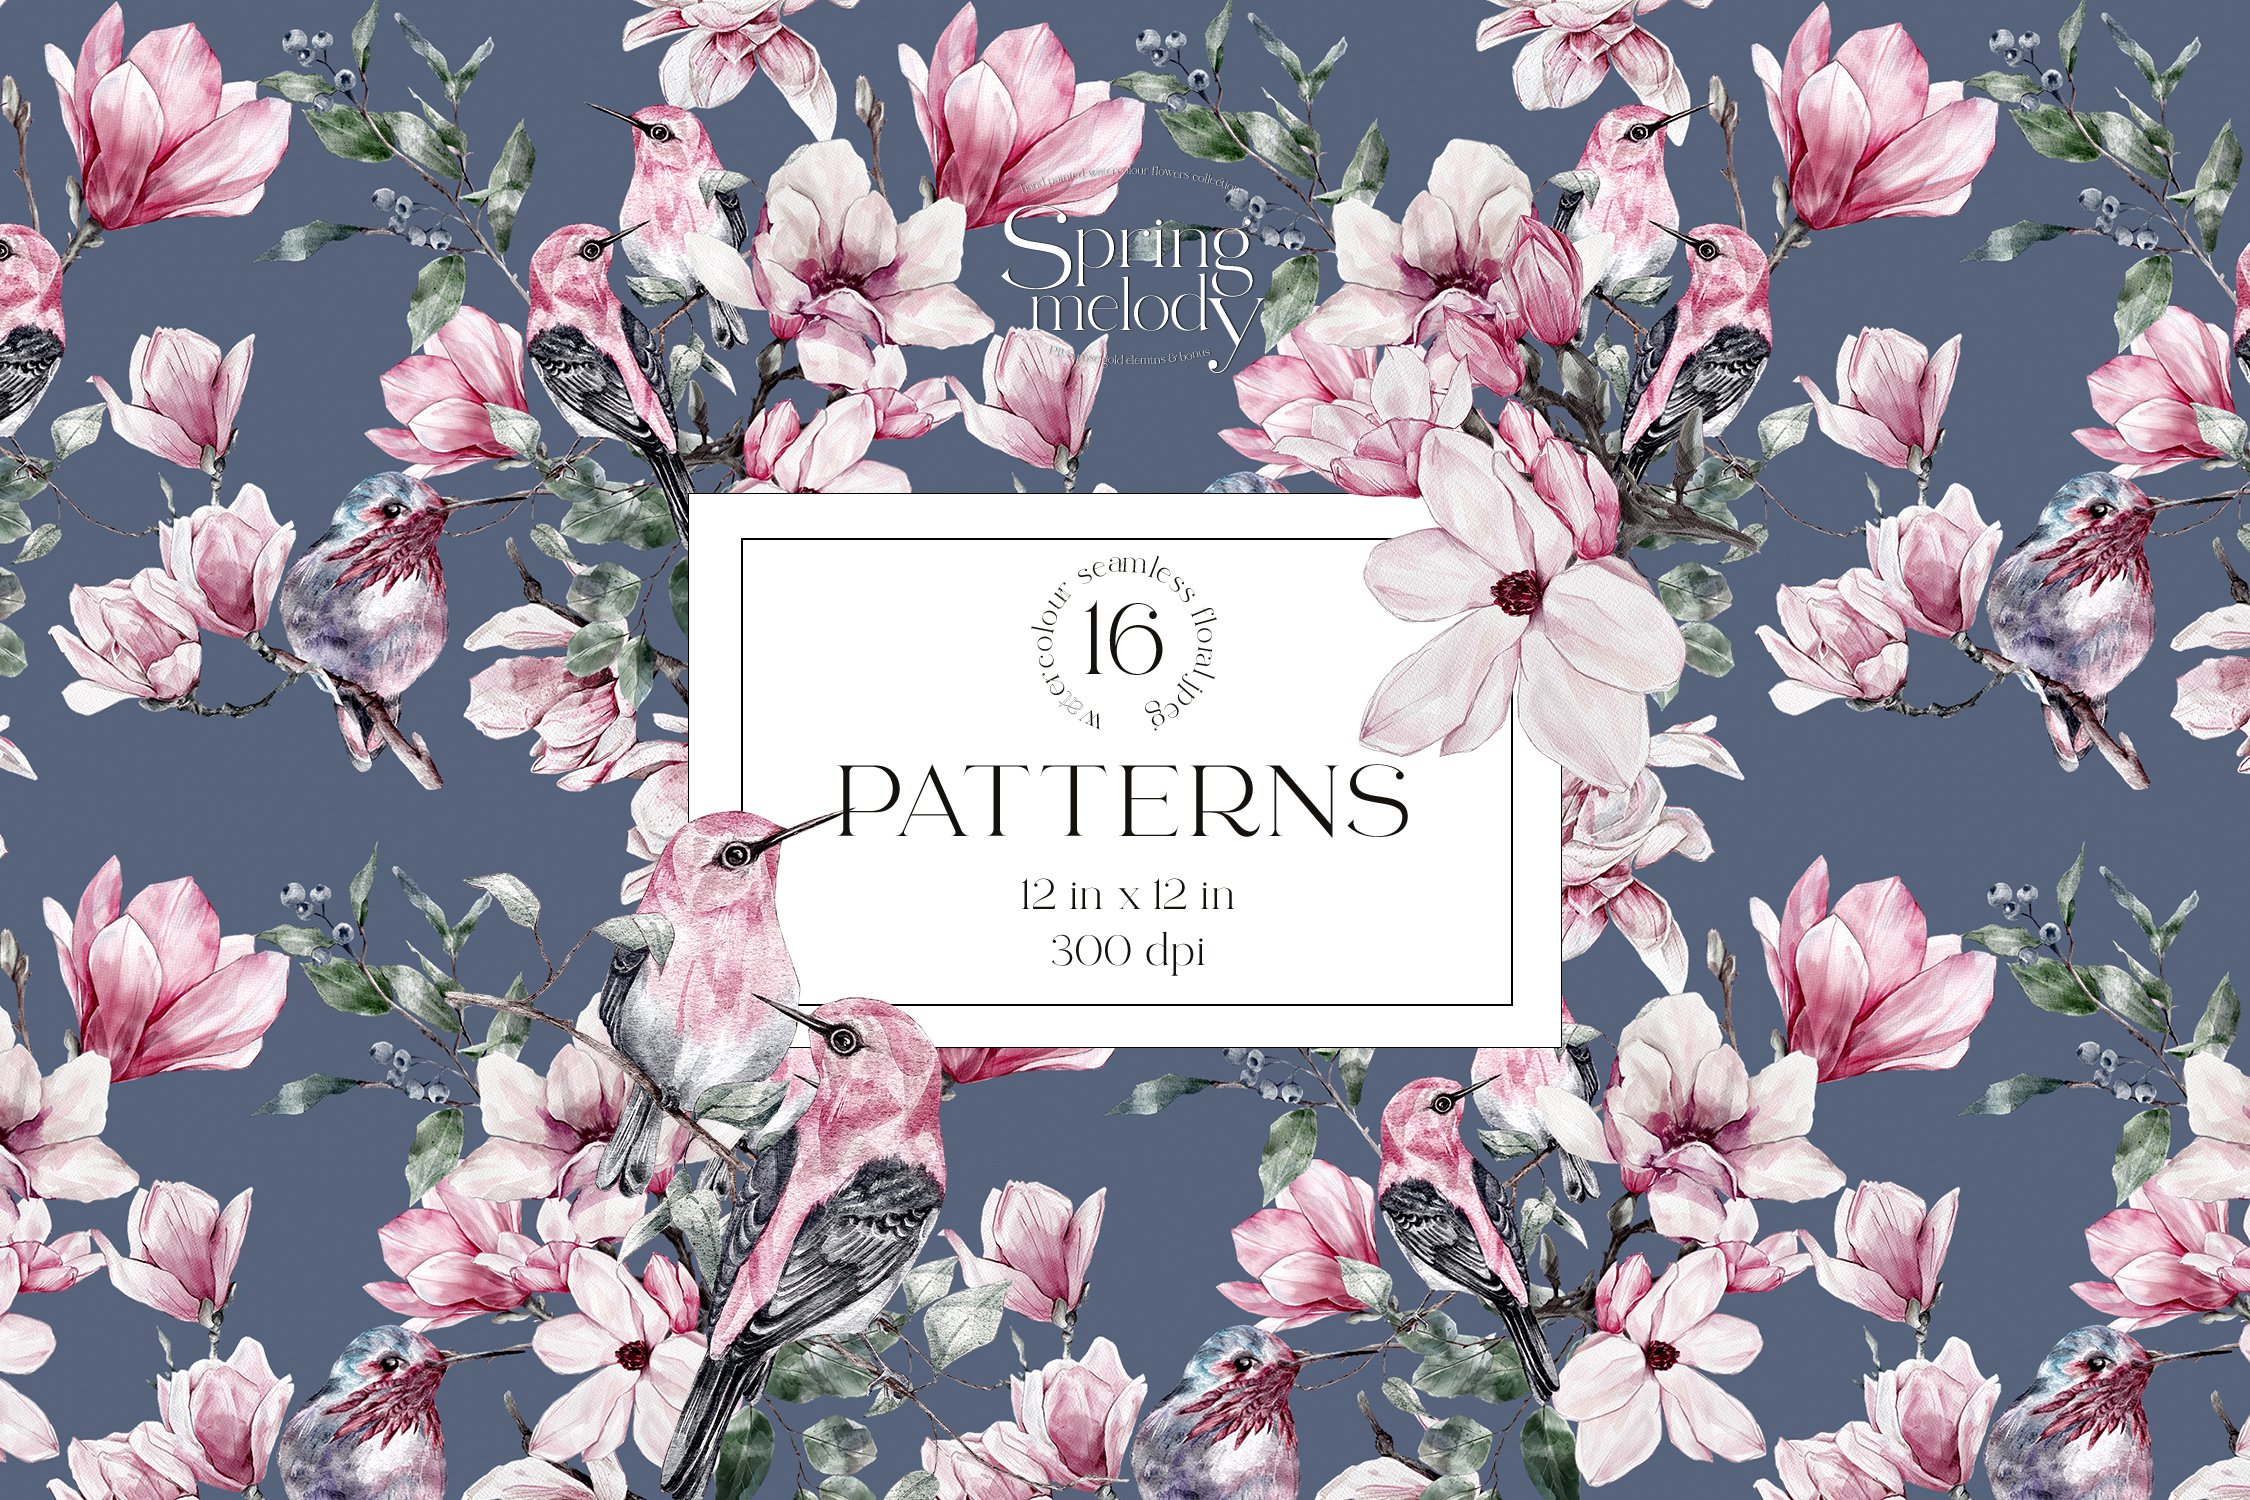 16款春天叶子花卉小鸟手绘水彩画图片设计素材 Spring Watercolor Seamless Patterns插图